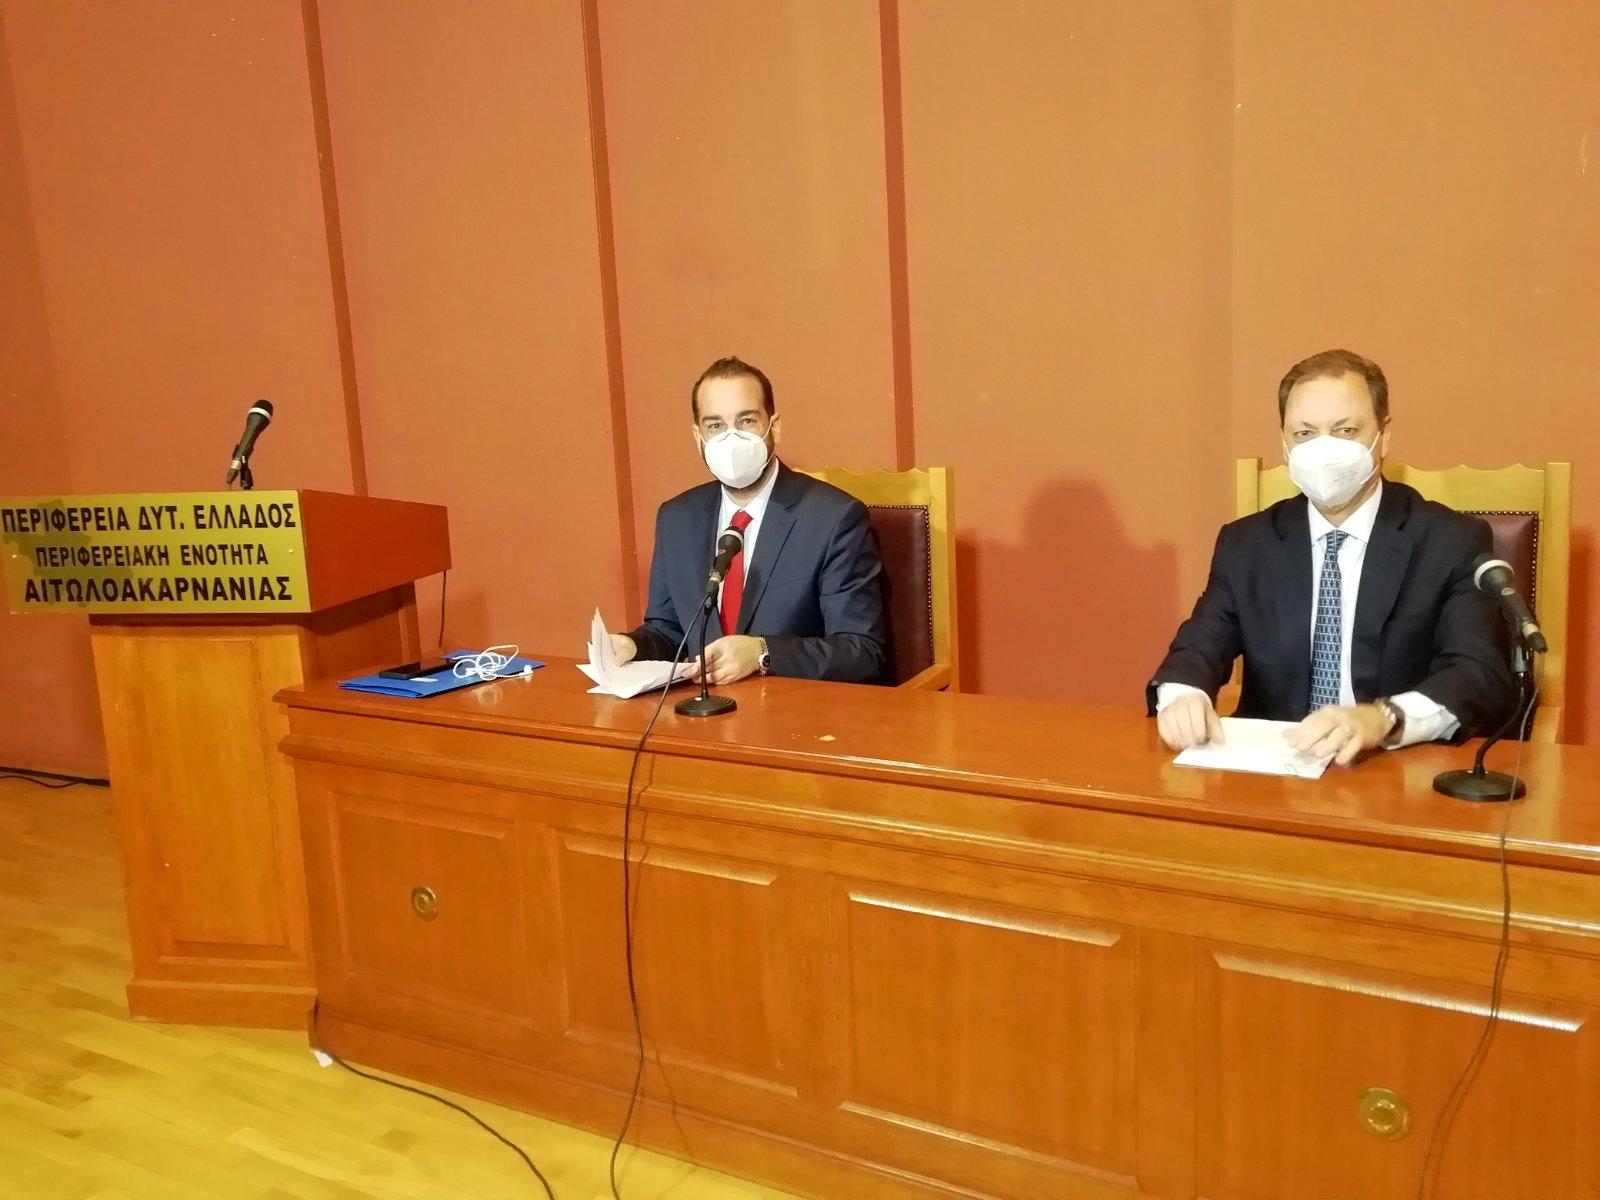 Μήνυμα Μητσοτάκη προς τους πολίτες από το υπουργικό: Μην εφησυχάζετε (video) - Acheloostv/News - 'Ολες οι Ειδήσεις & το Πρόγραμμα του Ενημερωτικού σταθμού της Δυτικής Ελλάδας.